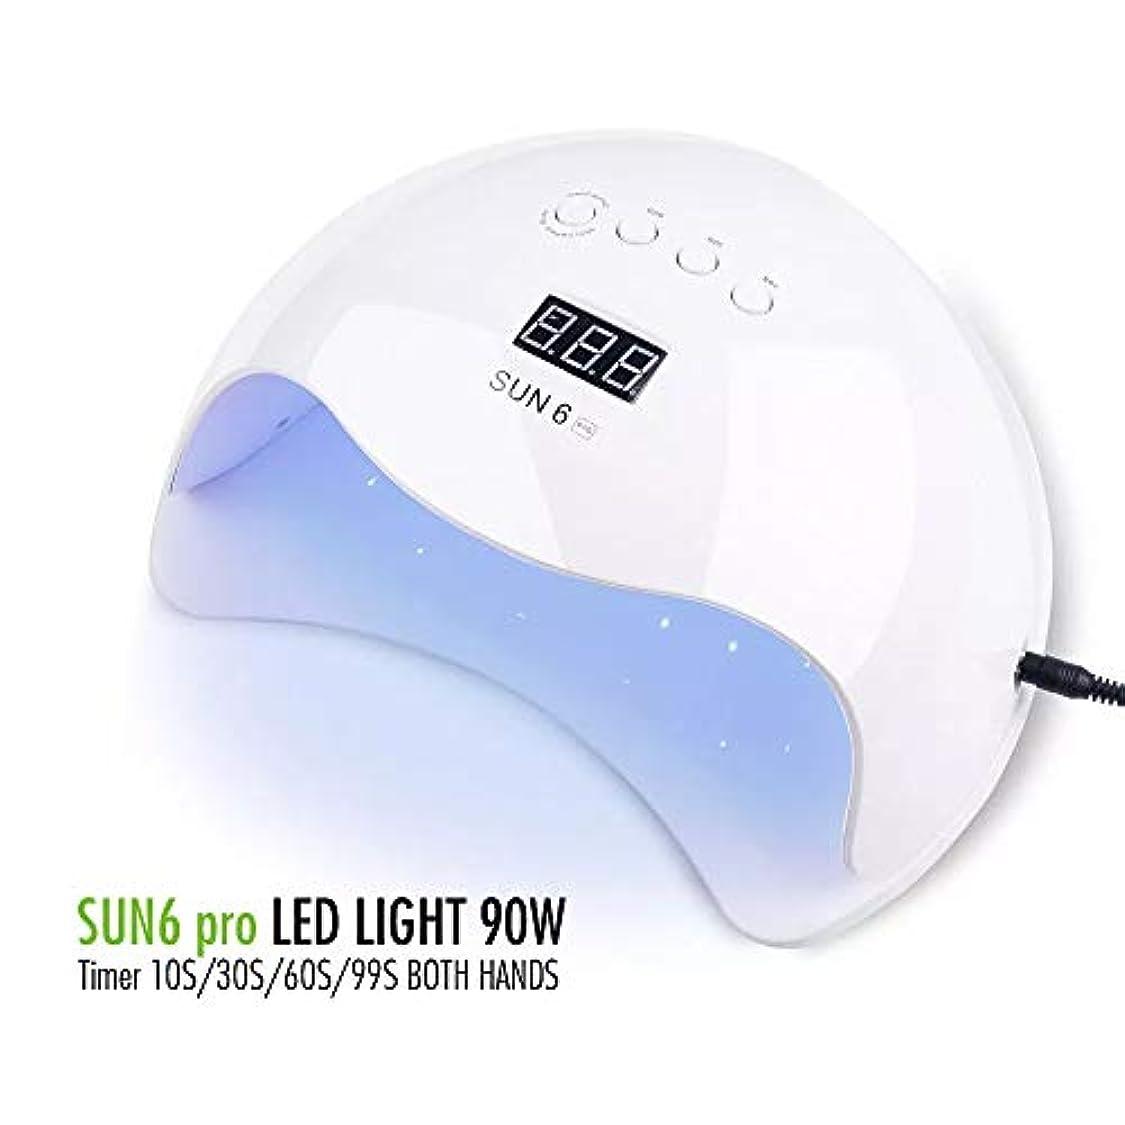 ペナルティ荒野日の出LED & UV ネイルライト UV+LED 90w UV/LEDライト 人感センサー付 低ヒート機能 ネイルドライヤー UVライト 【UV+LED二重光源】 6ヶ月保証付